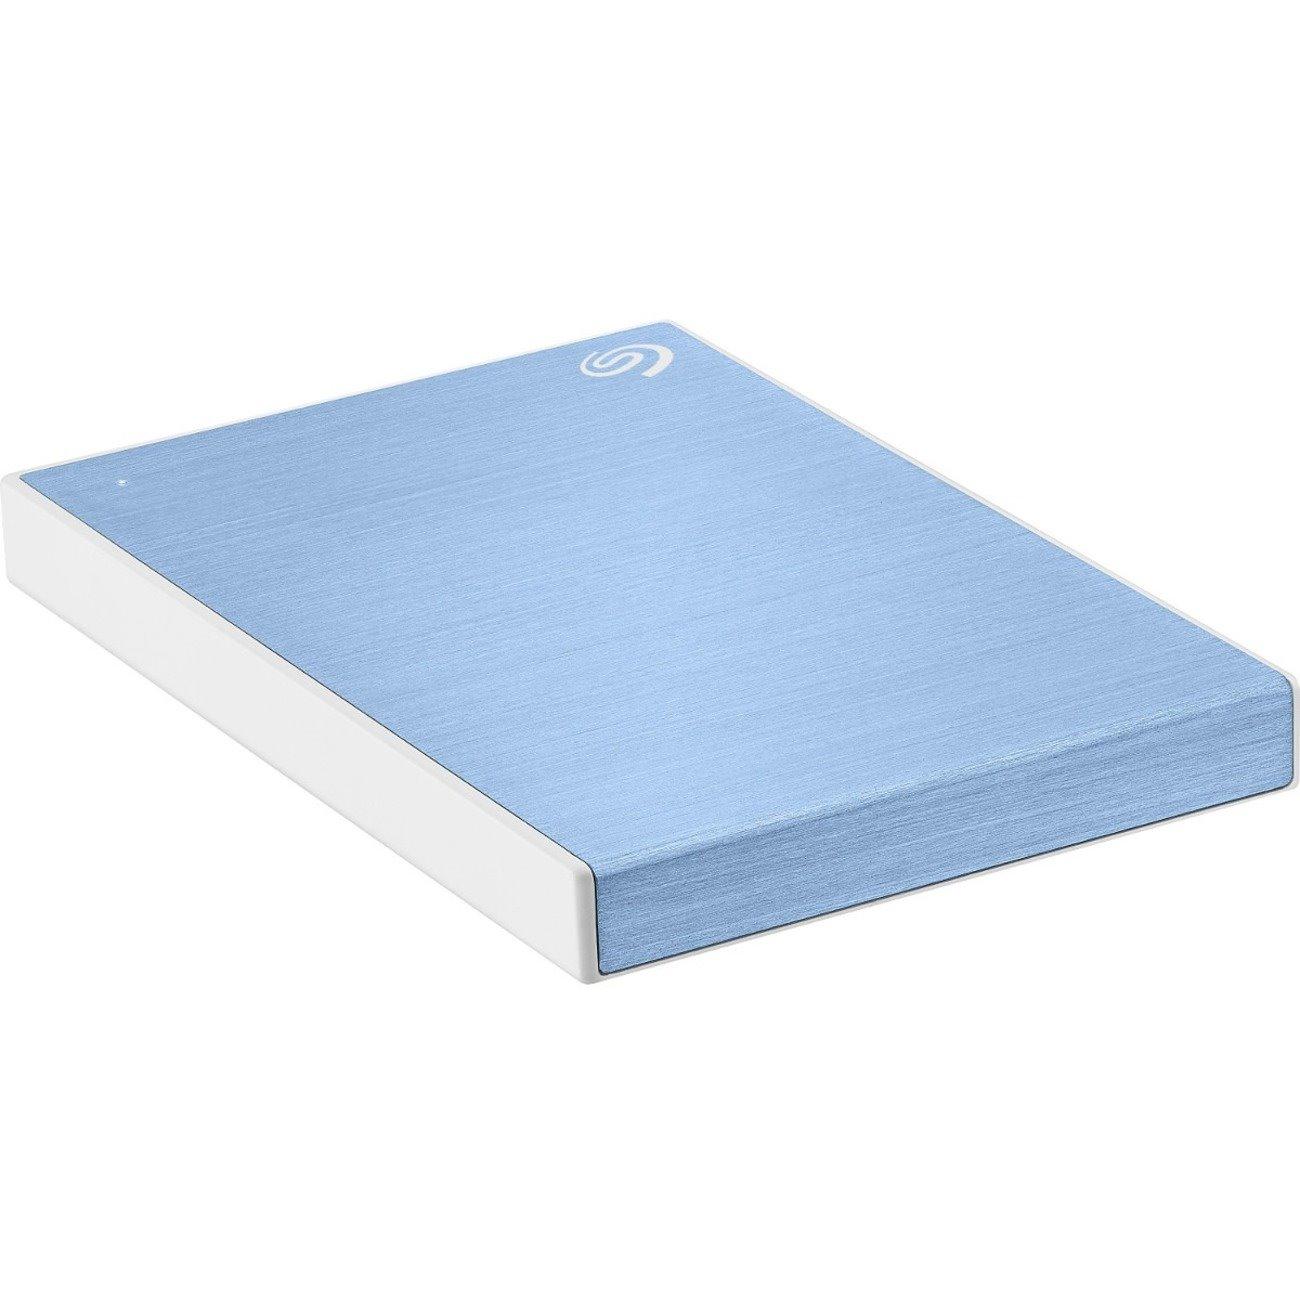 Seagate Backup Plus Slim STHN1000402 1 TB Portable Hard Drive - External - Light Blue